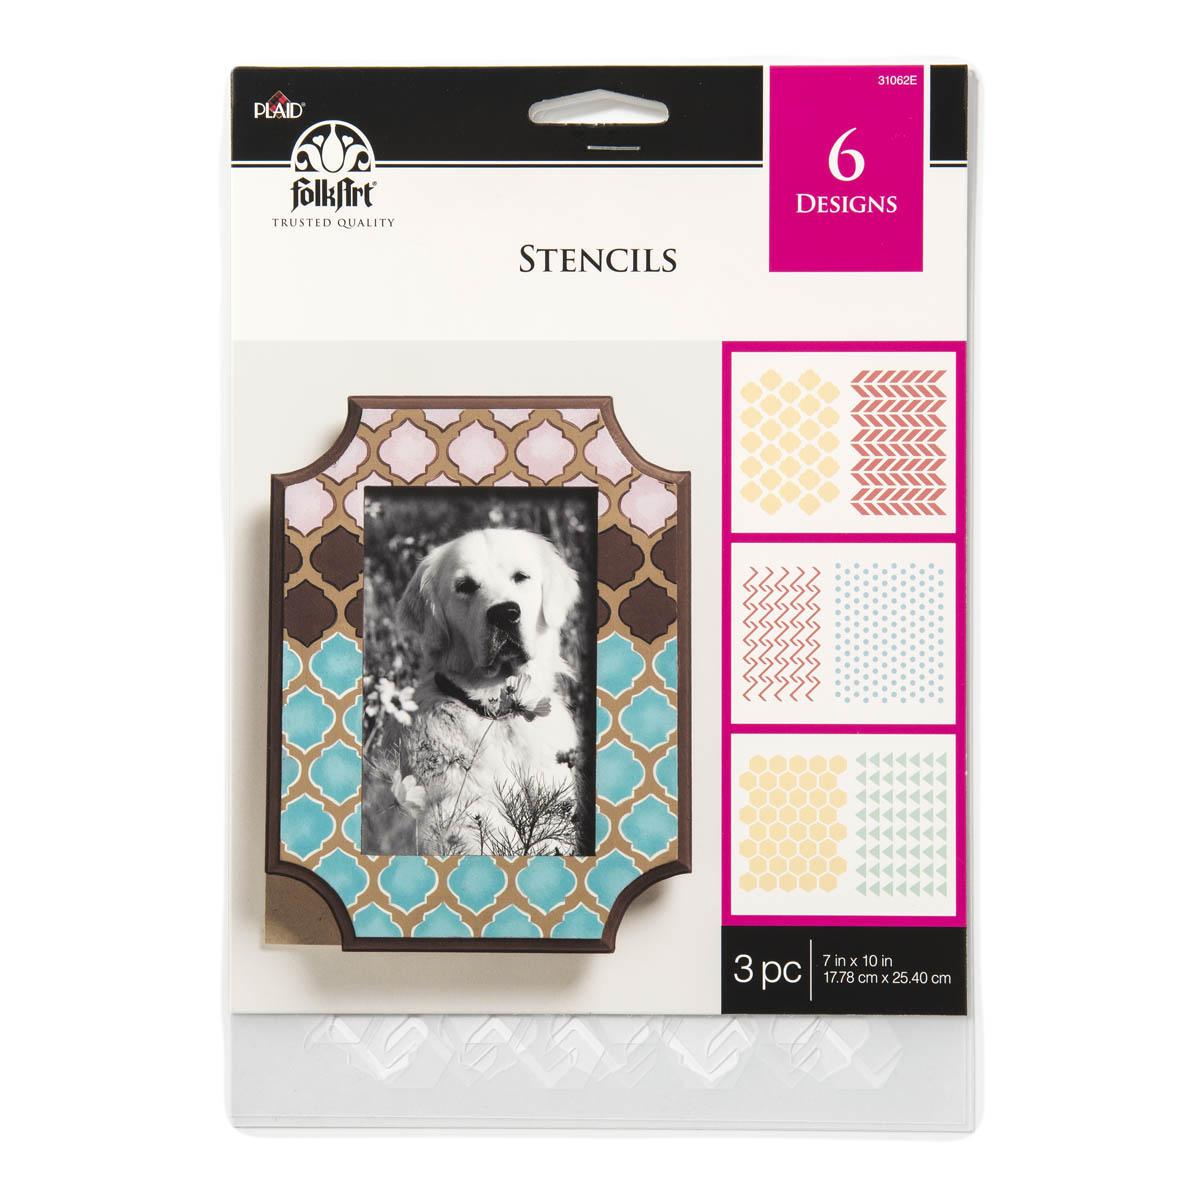 FolkArt ® Stencil Value Packs - Backgrounds, 7